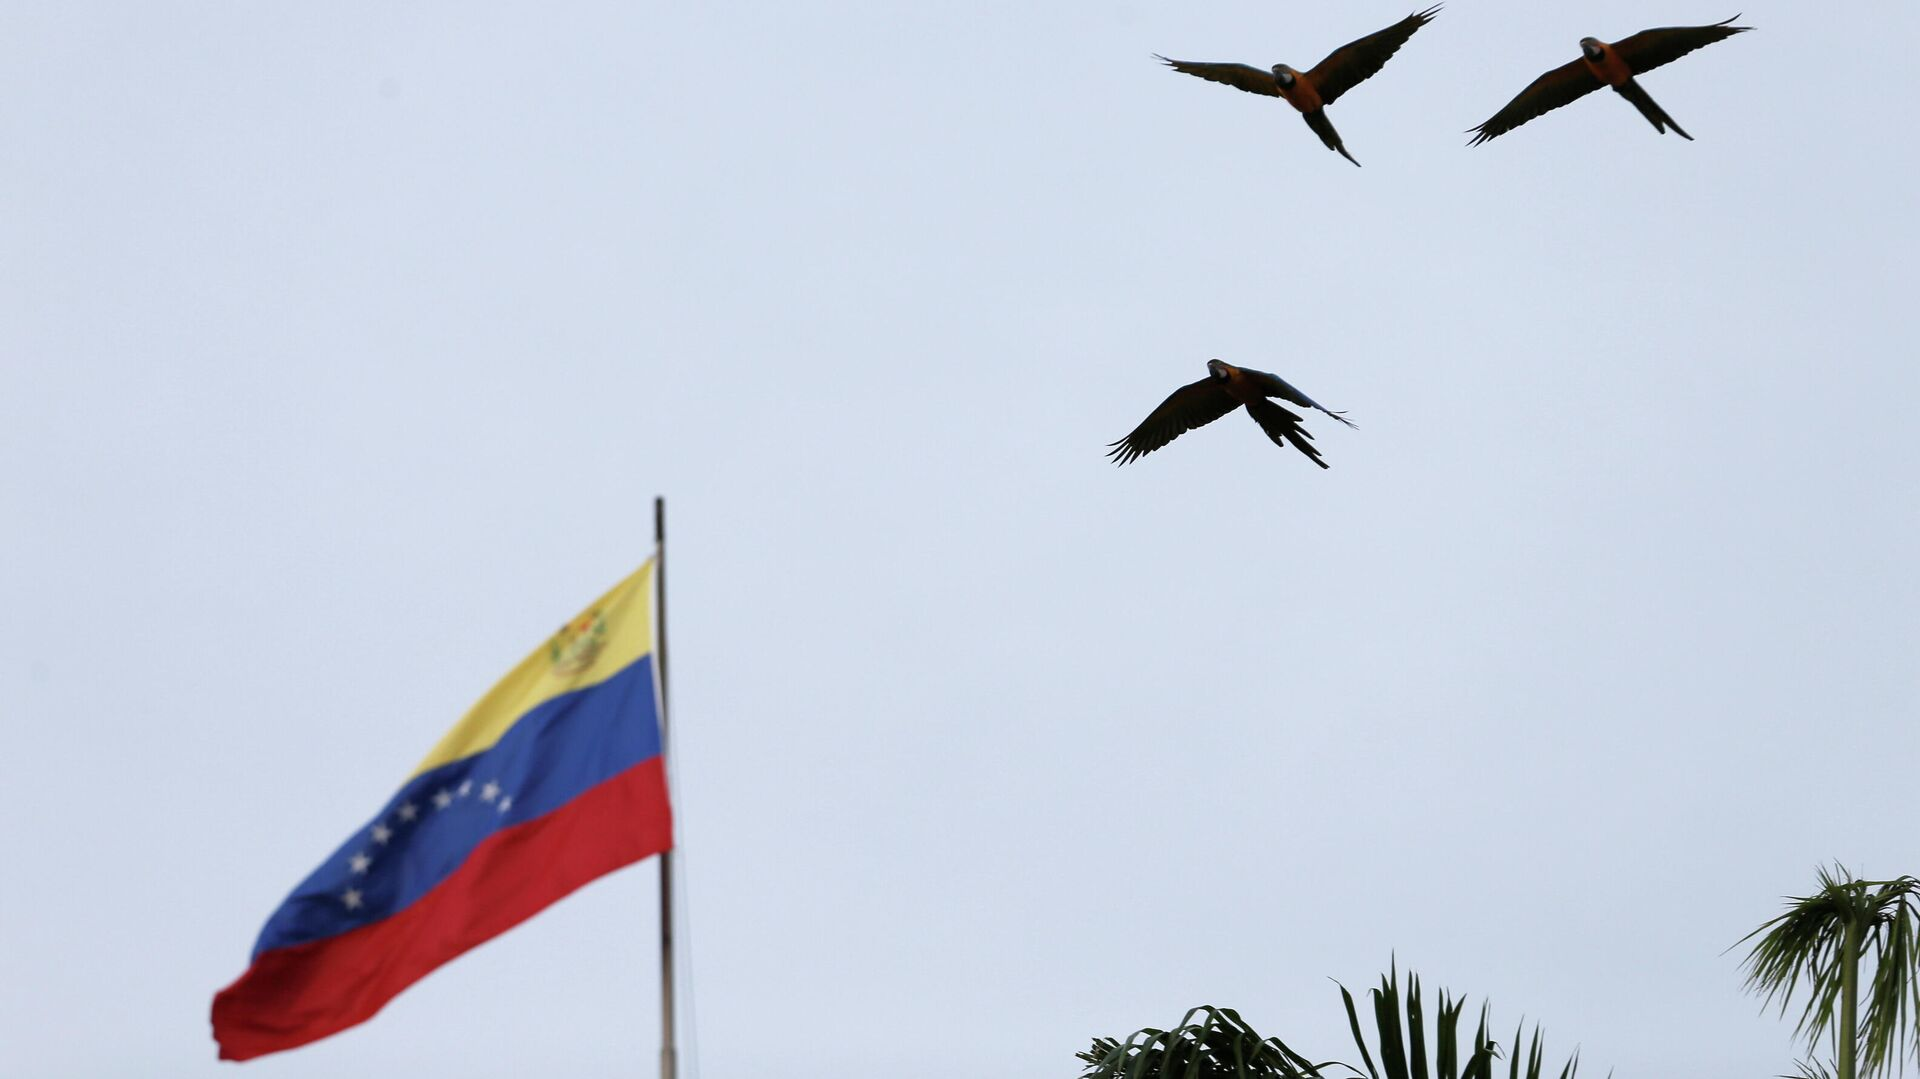 La bandera de Venezuela - Sputnik Mundo, 1920, 06.10.2021